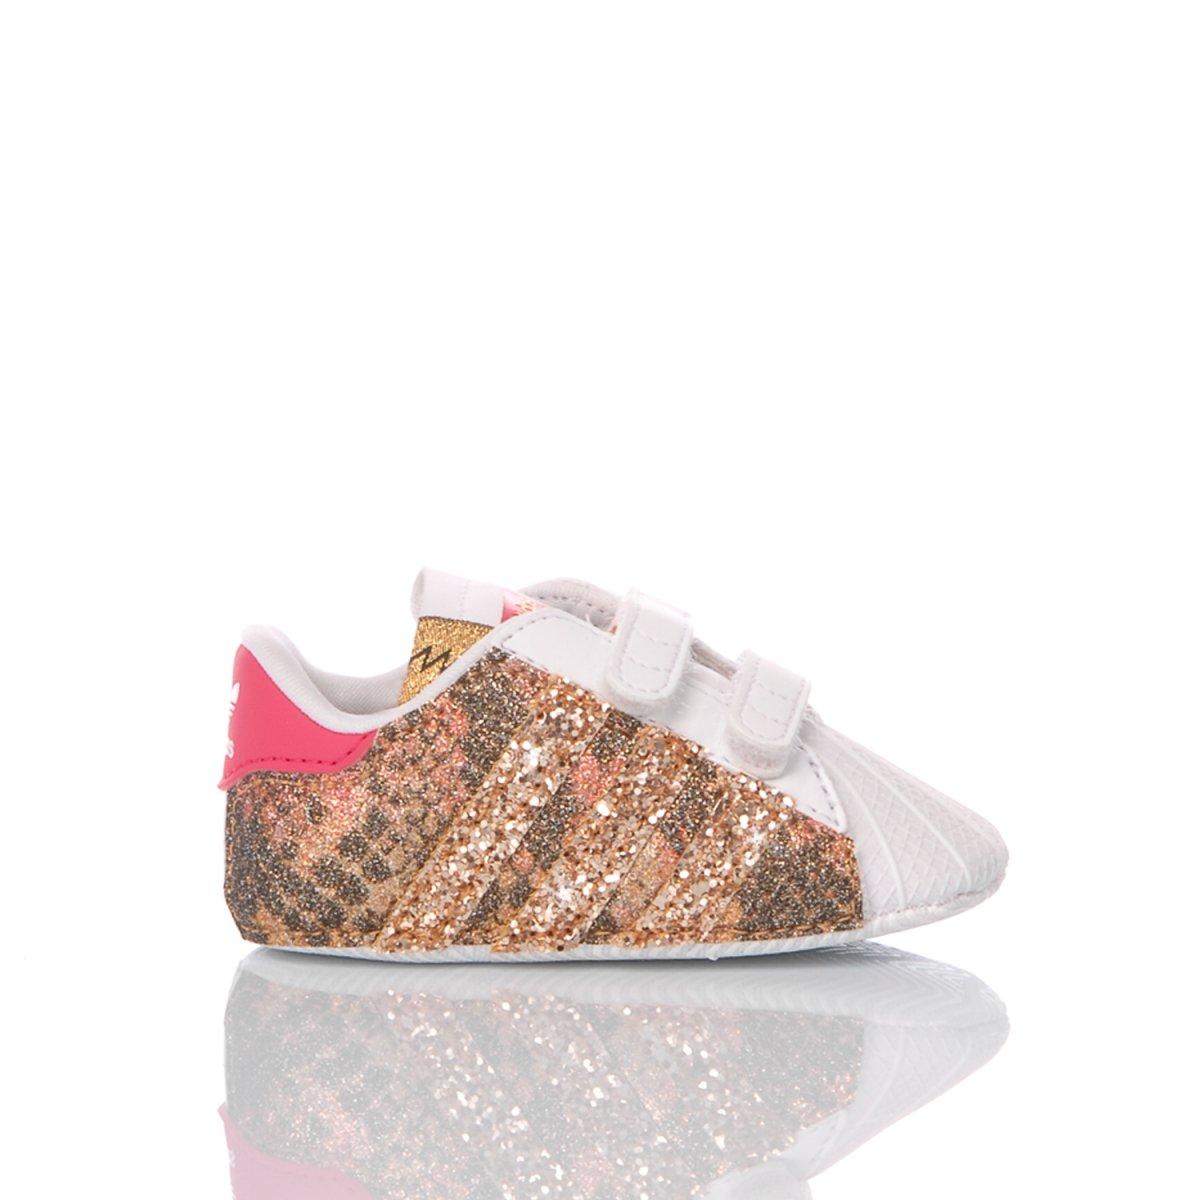 Adidas Superstar Culla Snake Gold